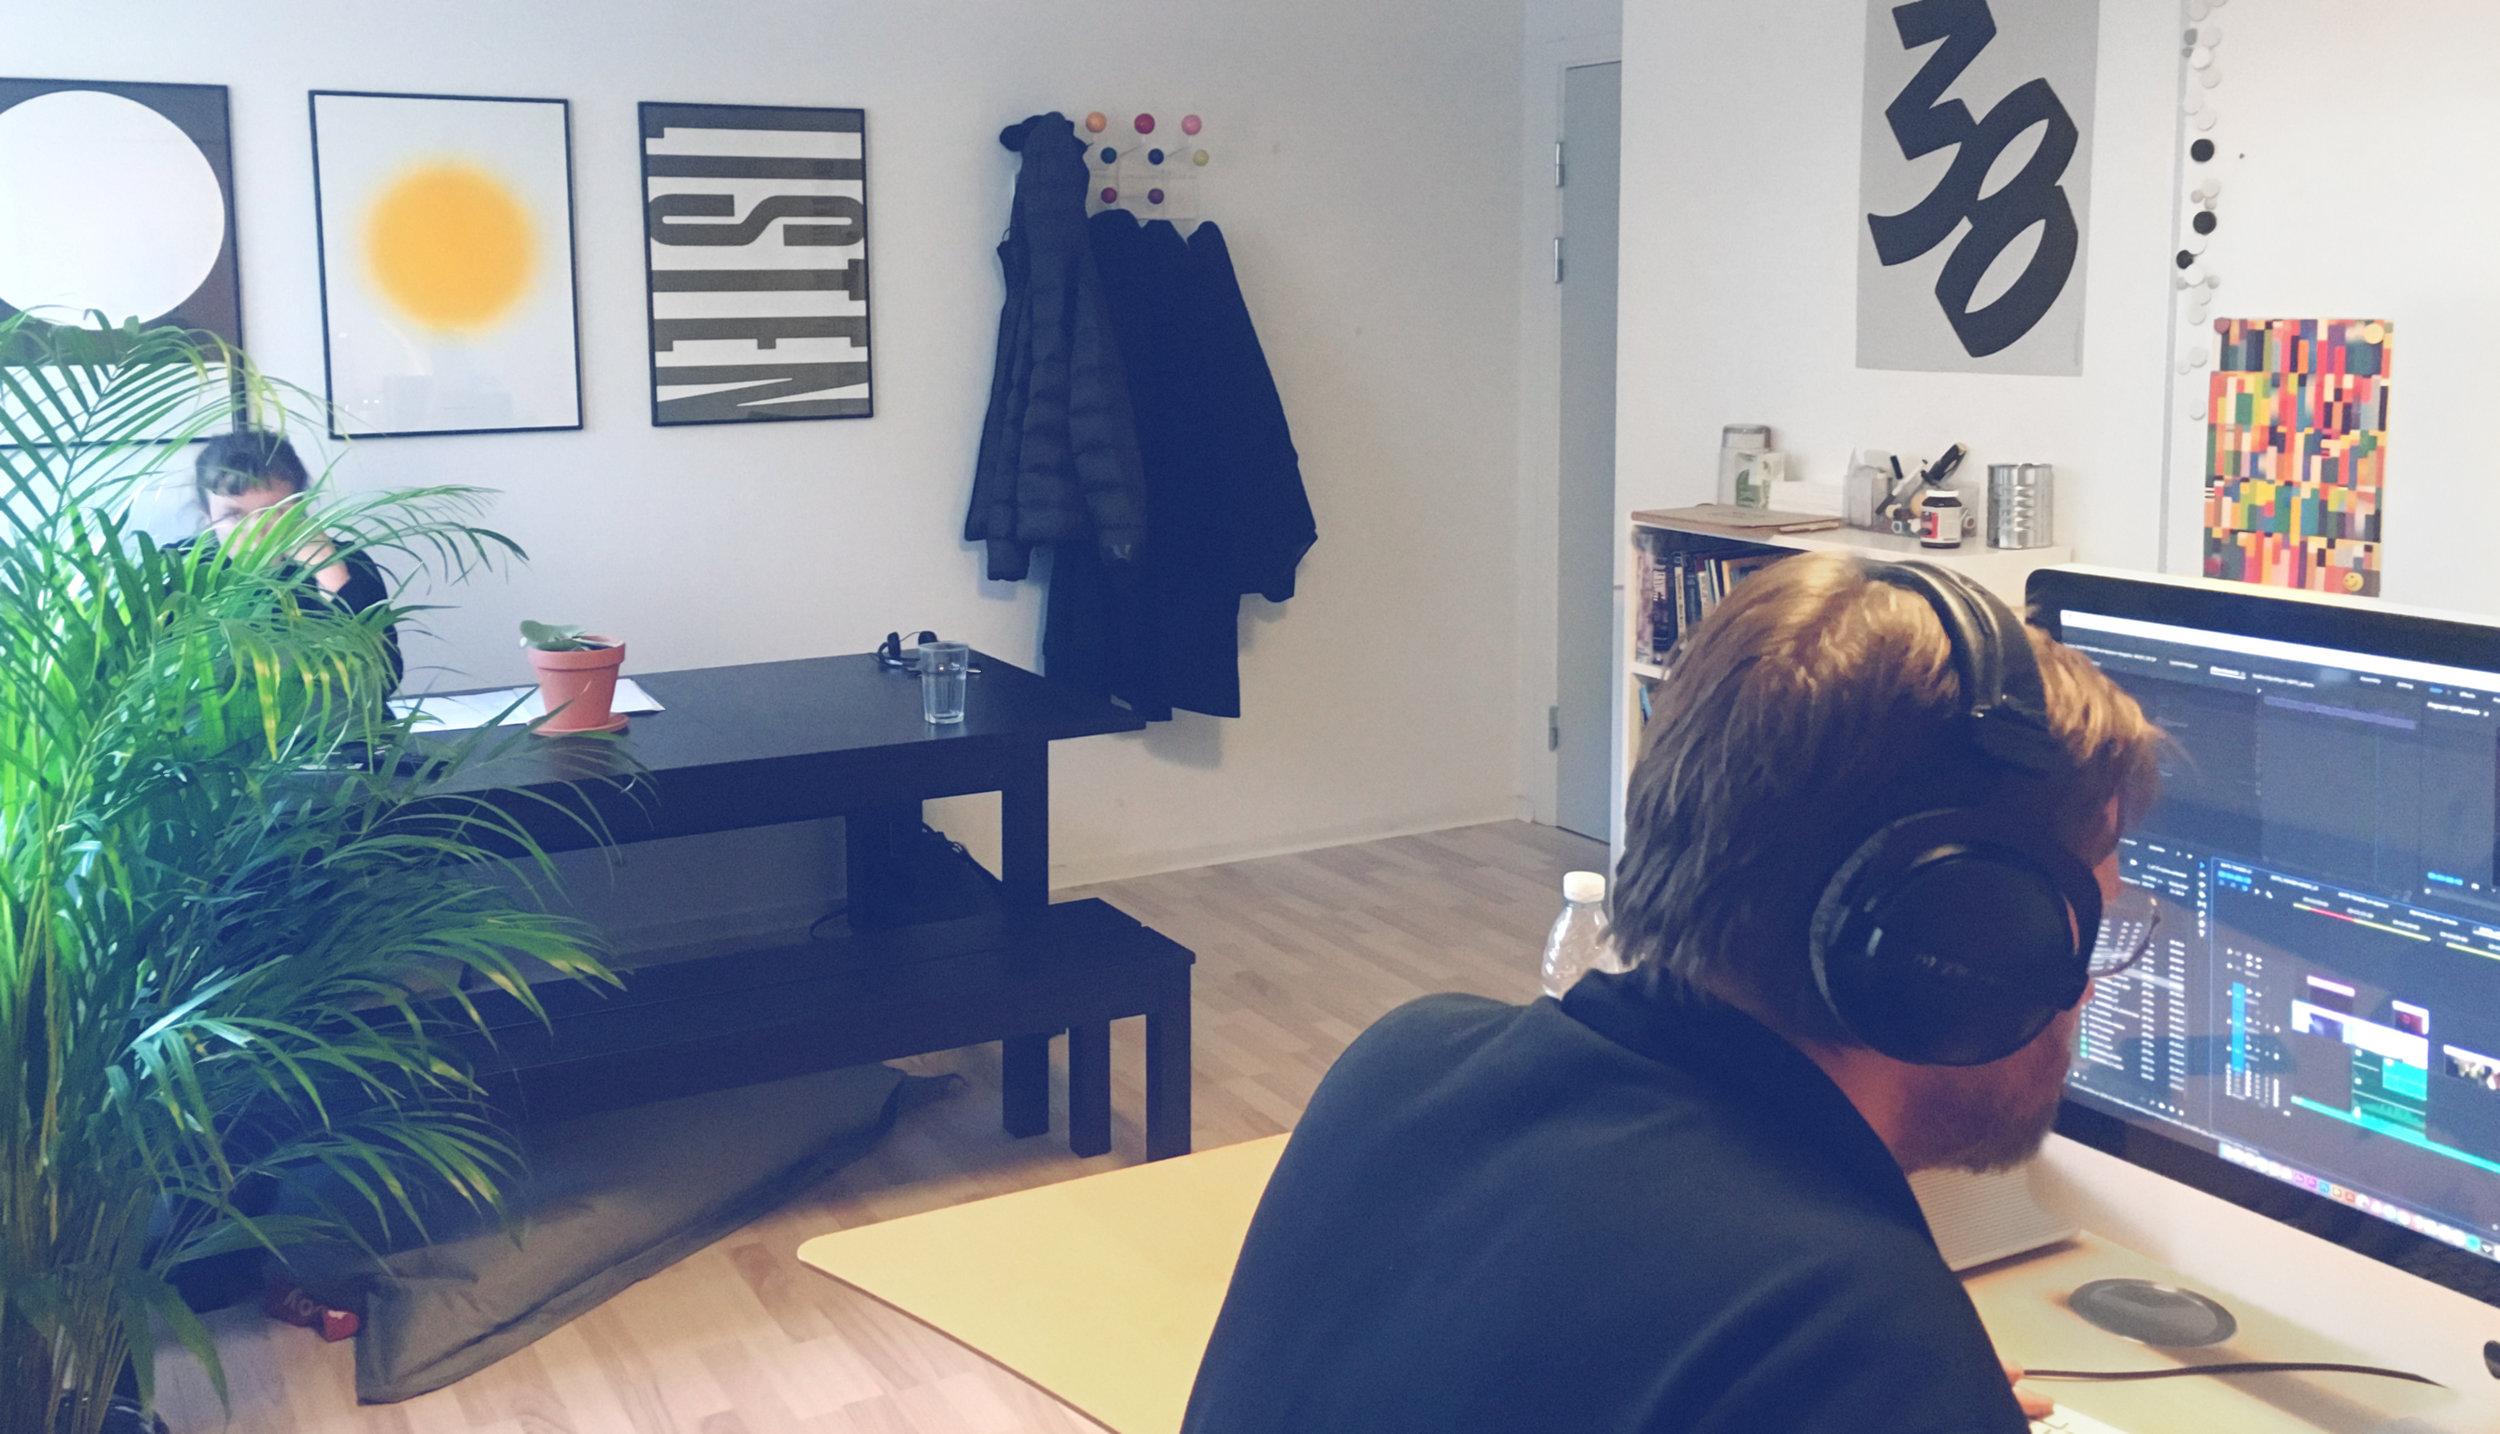 Henry_studio_2.jpg